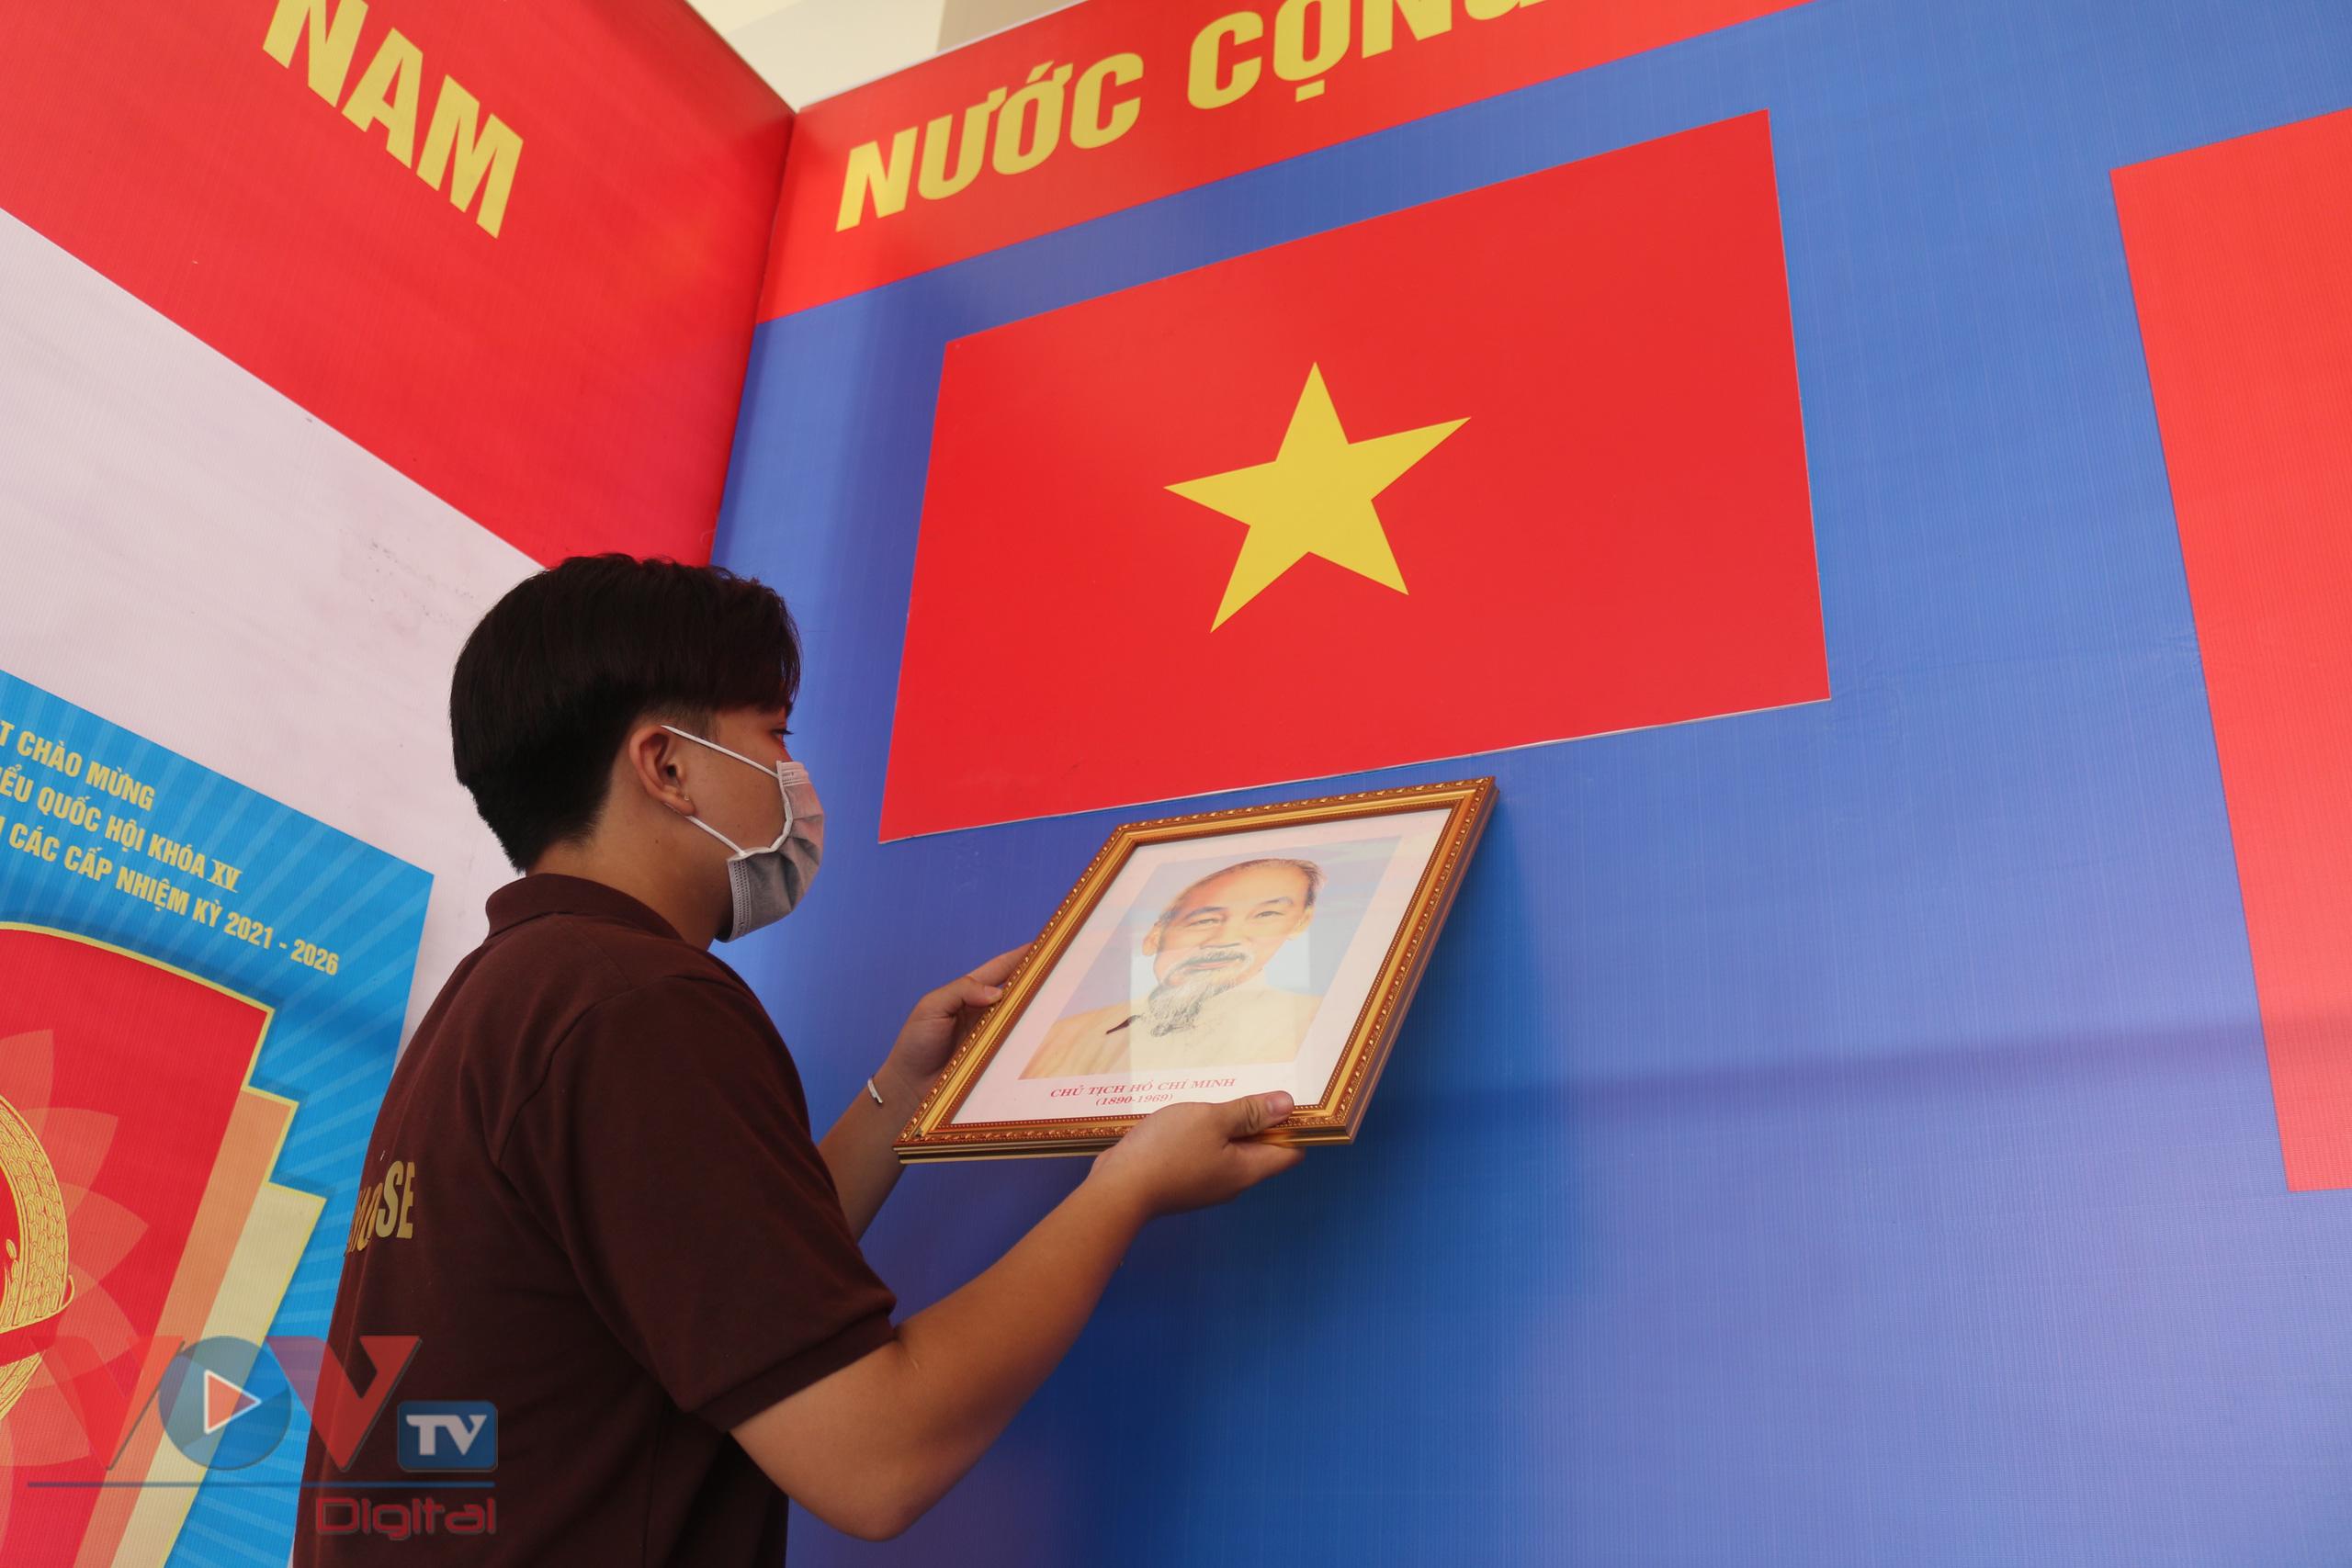 Nhiều điểm bầu cử đang hoàn tất các công đoạn chuẩn bị. Trong ảnh, một bạn trẻ đang treo ảnh Bác Hồ, trang trí phông khu vực bỏ phiếu